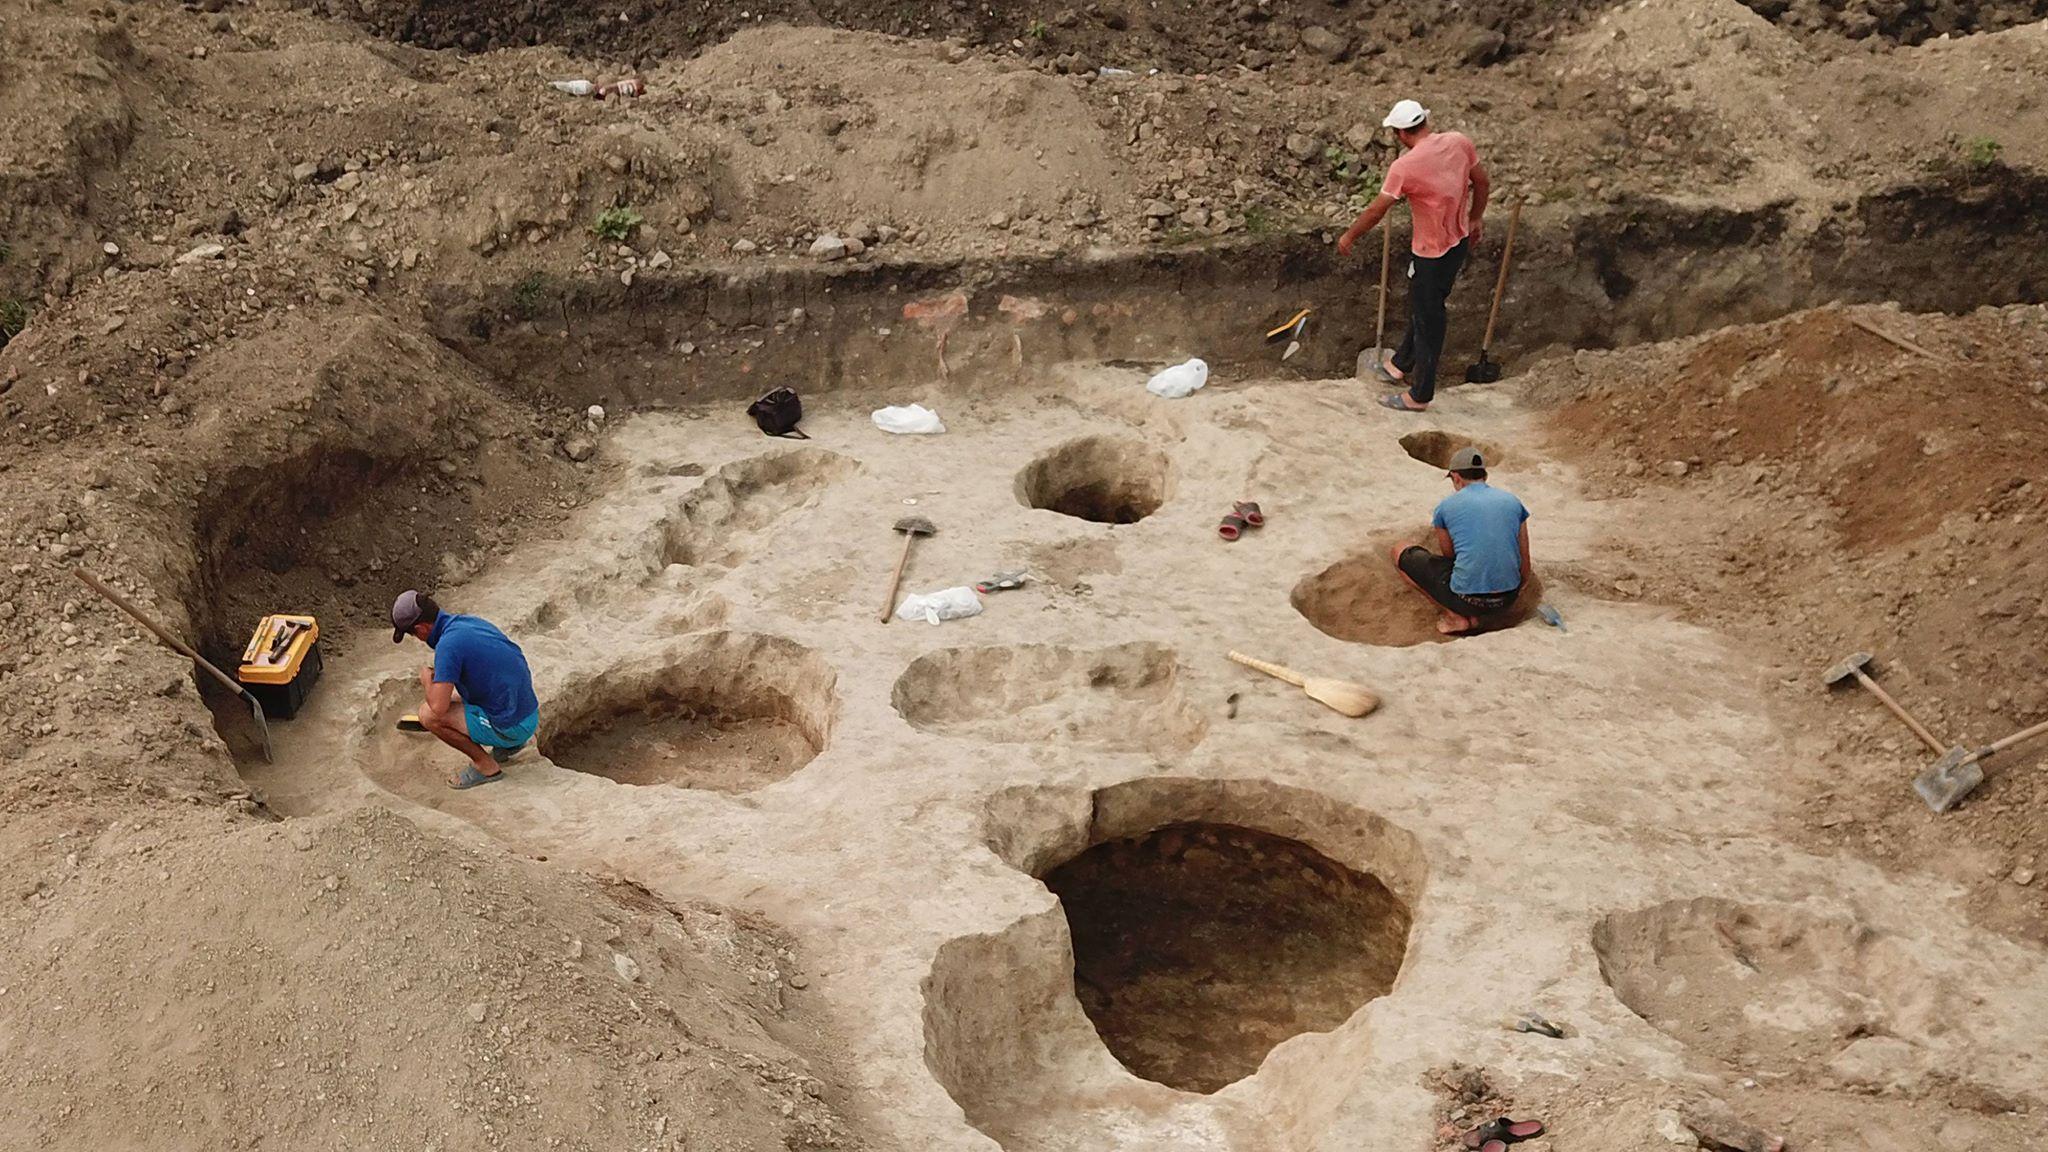 Interviu pentru Radio Moldova despre săpăturile  arheologice de salvare efectuate în vara anului curent